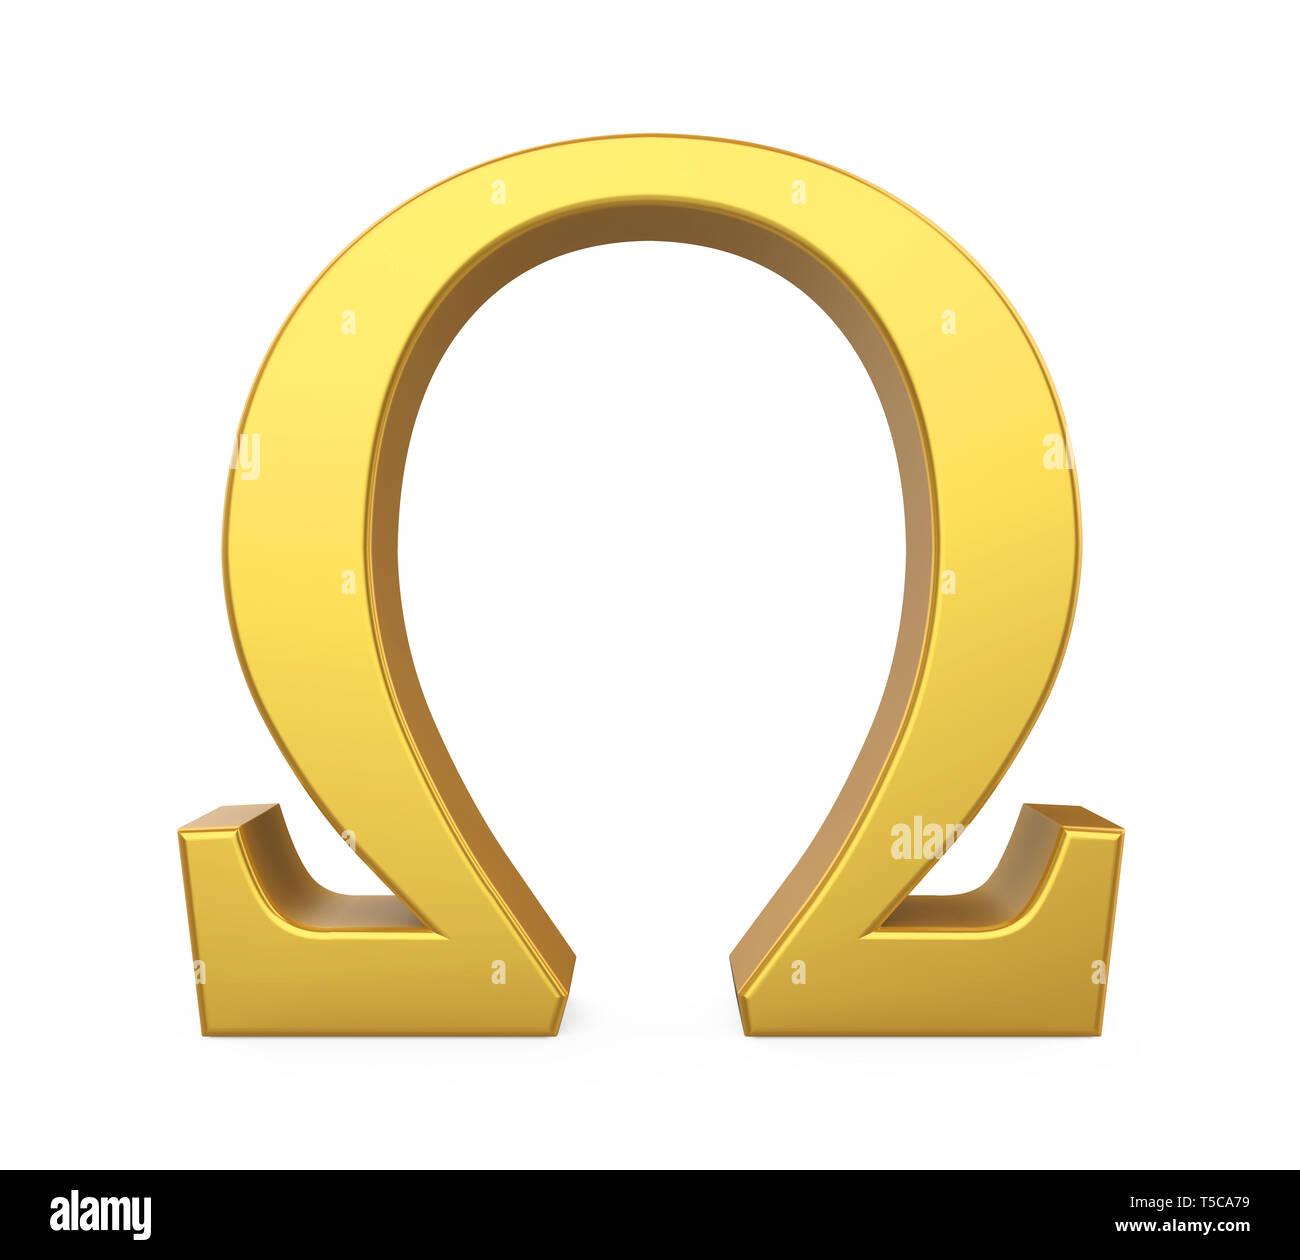 Greek Letter Omega Stock Photos Amp Greek Letter Omega Stock